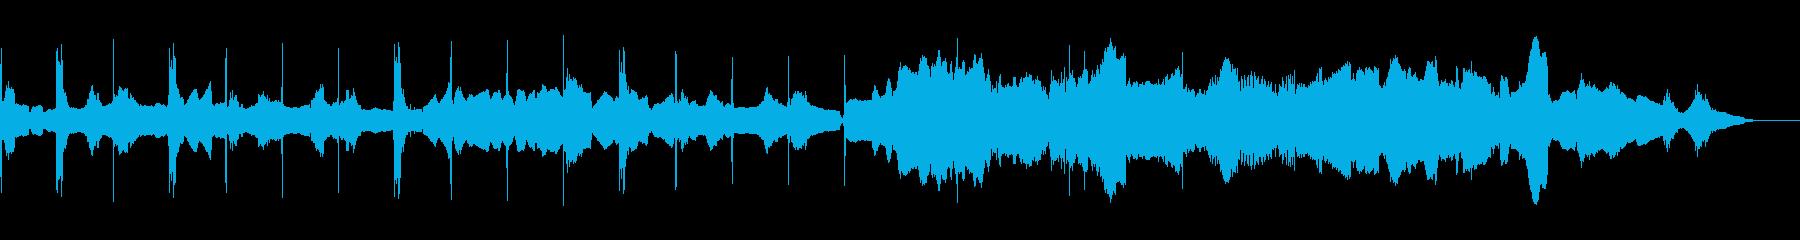 オーボエによる民謡風のループの再生済みの波形